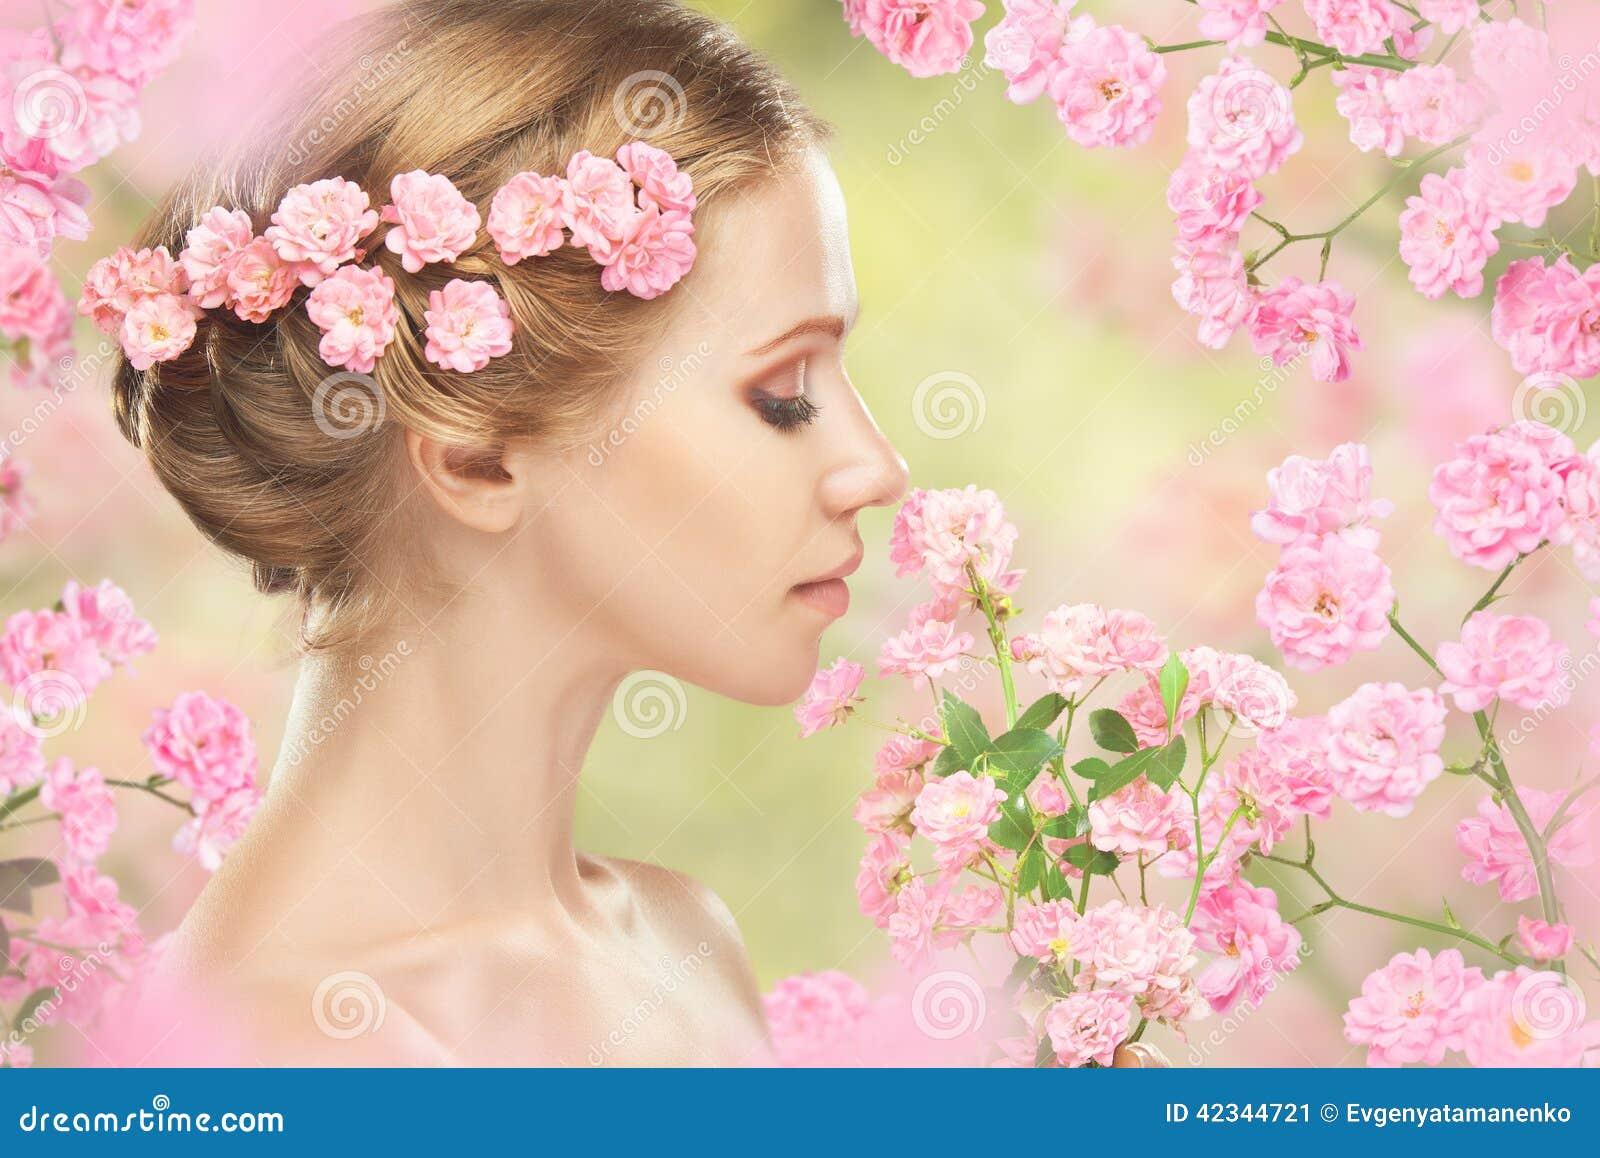 gesicht der jungen schönheit mit rosa blumen in ihrem haar